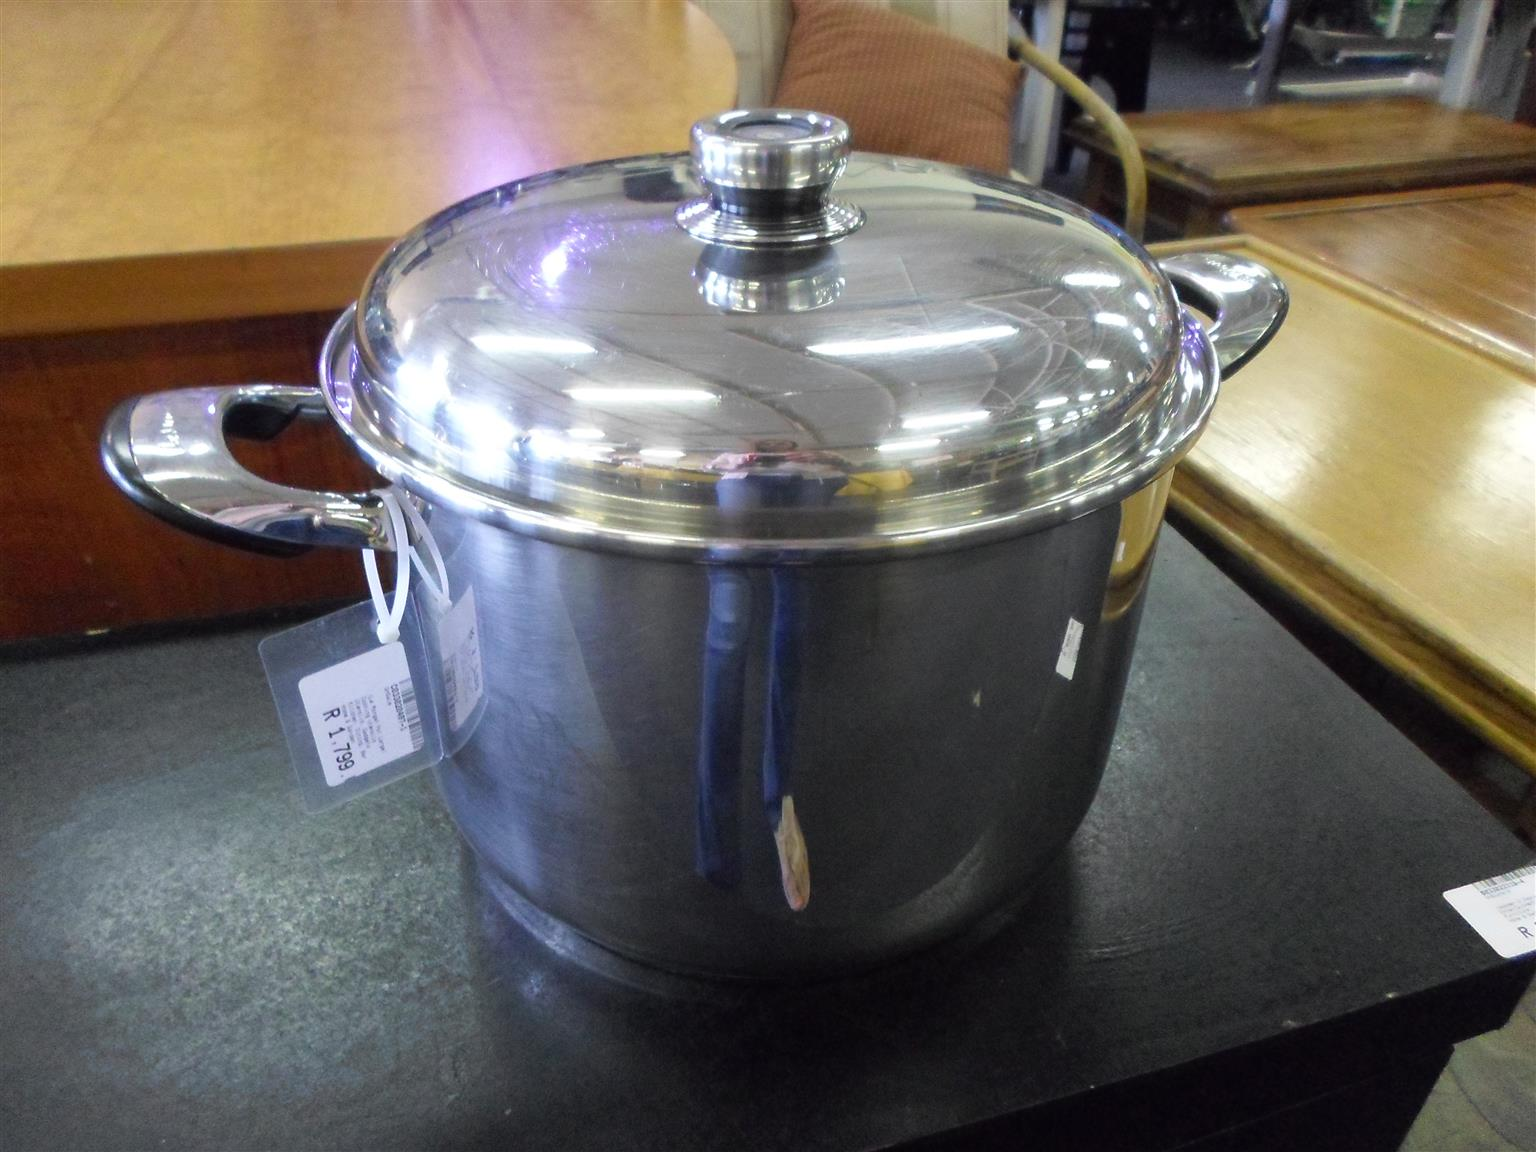 Le Morgan Large Pot